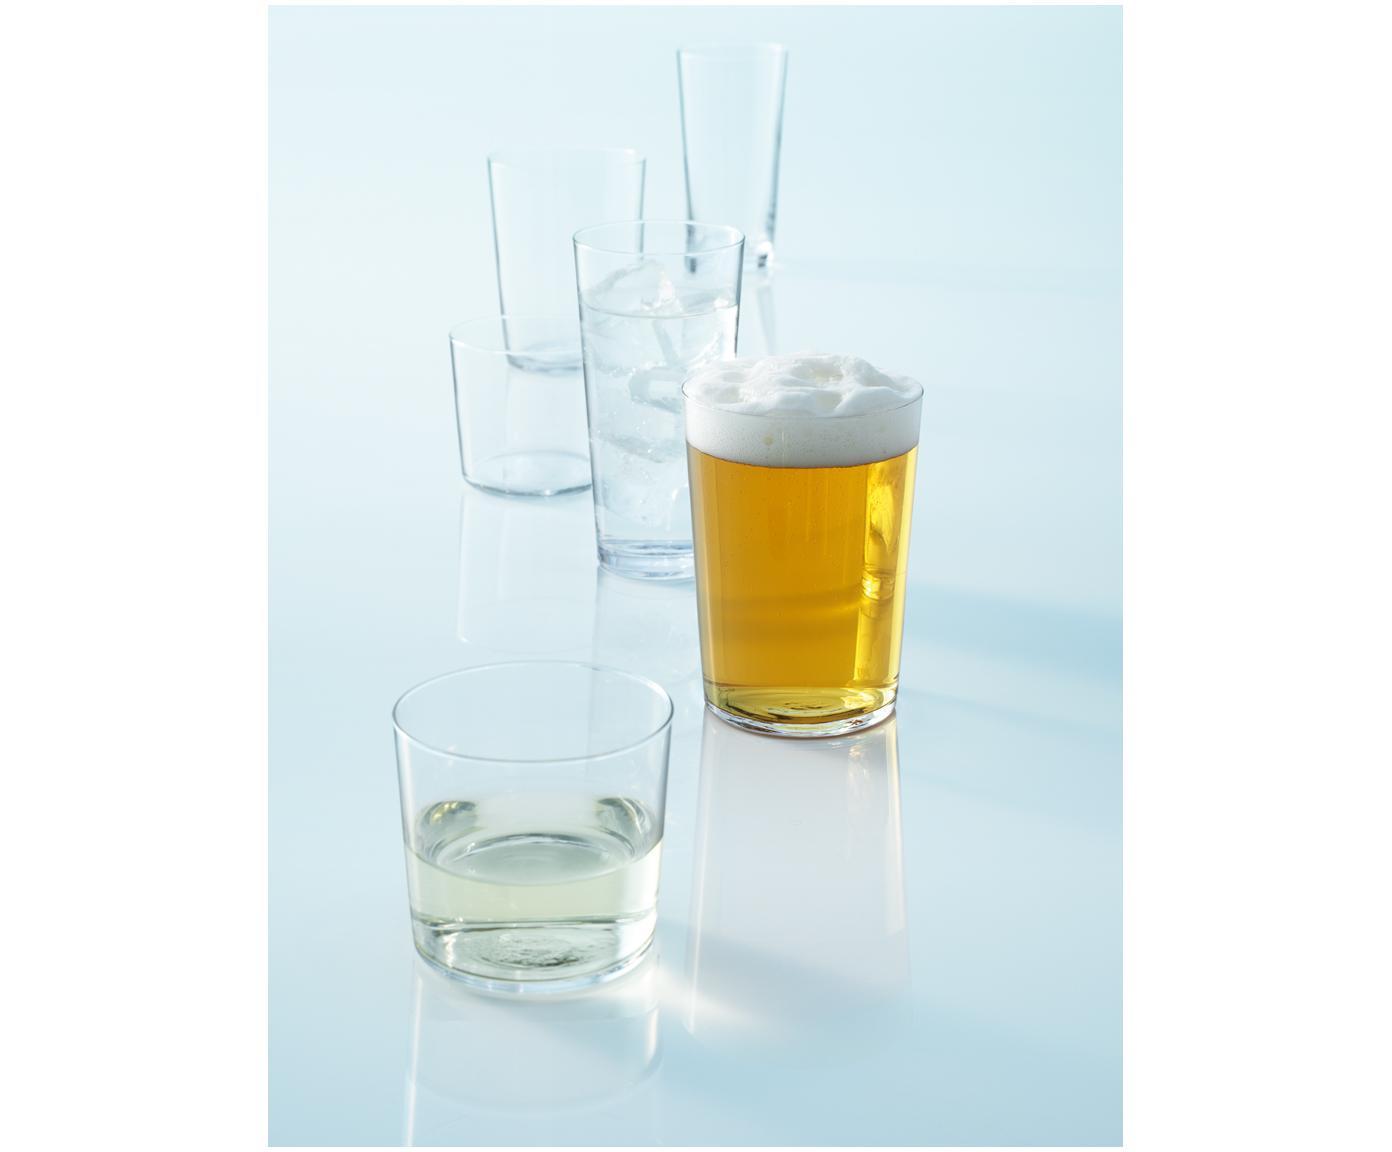 Szklanka do wody Gio, 6 szt., Szkło, Transparentny, Ø 8 x W 7 cm